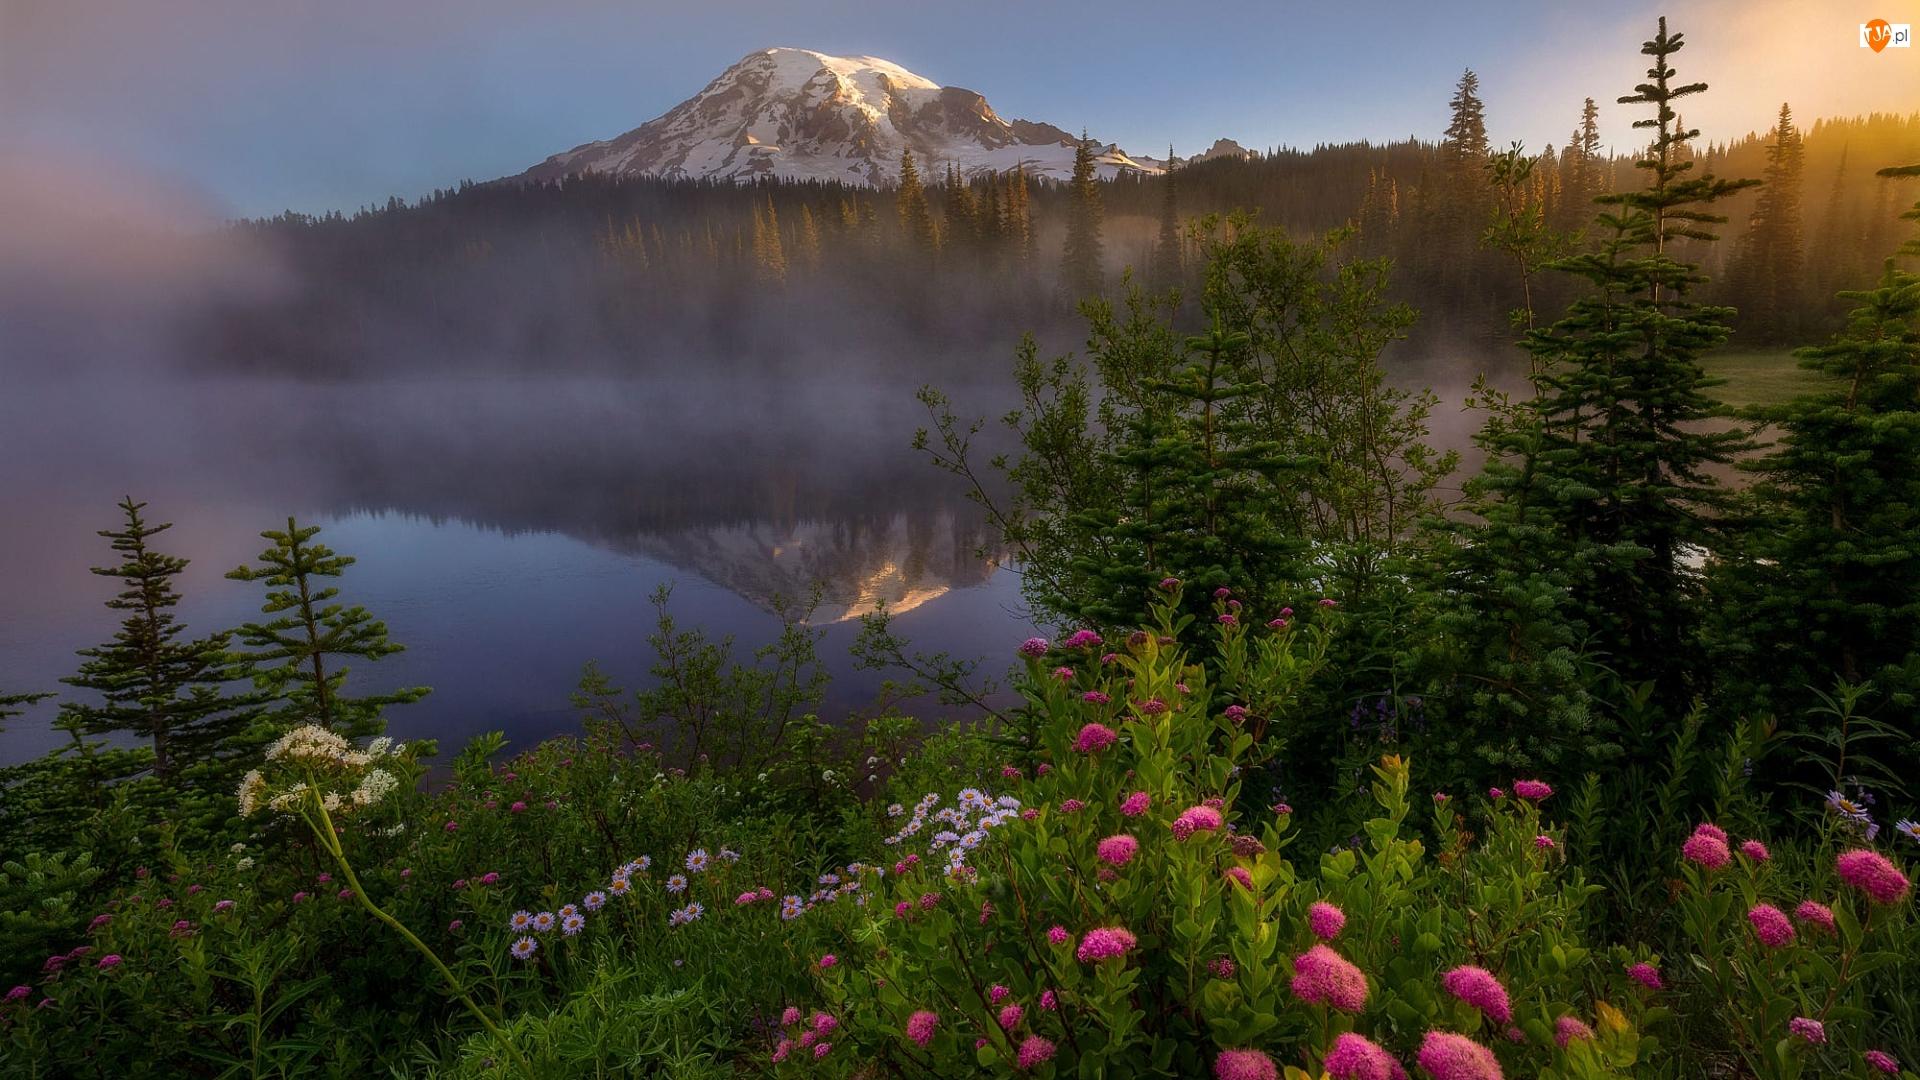 Stany Zjednoczone, Jezioro Reflection Lake, Stan Waszyngton, Drzewa, Kwiaty, Góra, Szczyt Mount Rainier, Park Narodowy Mount Rainier, Mgła